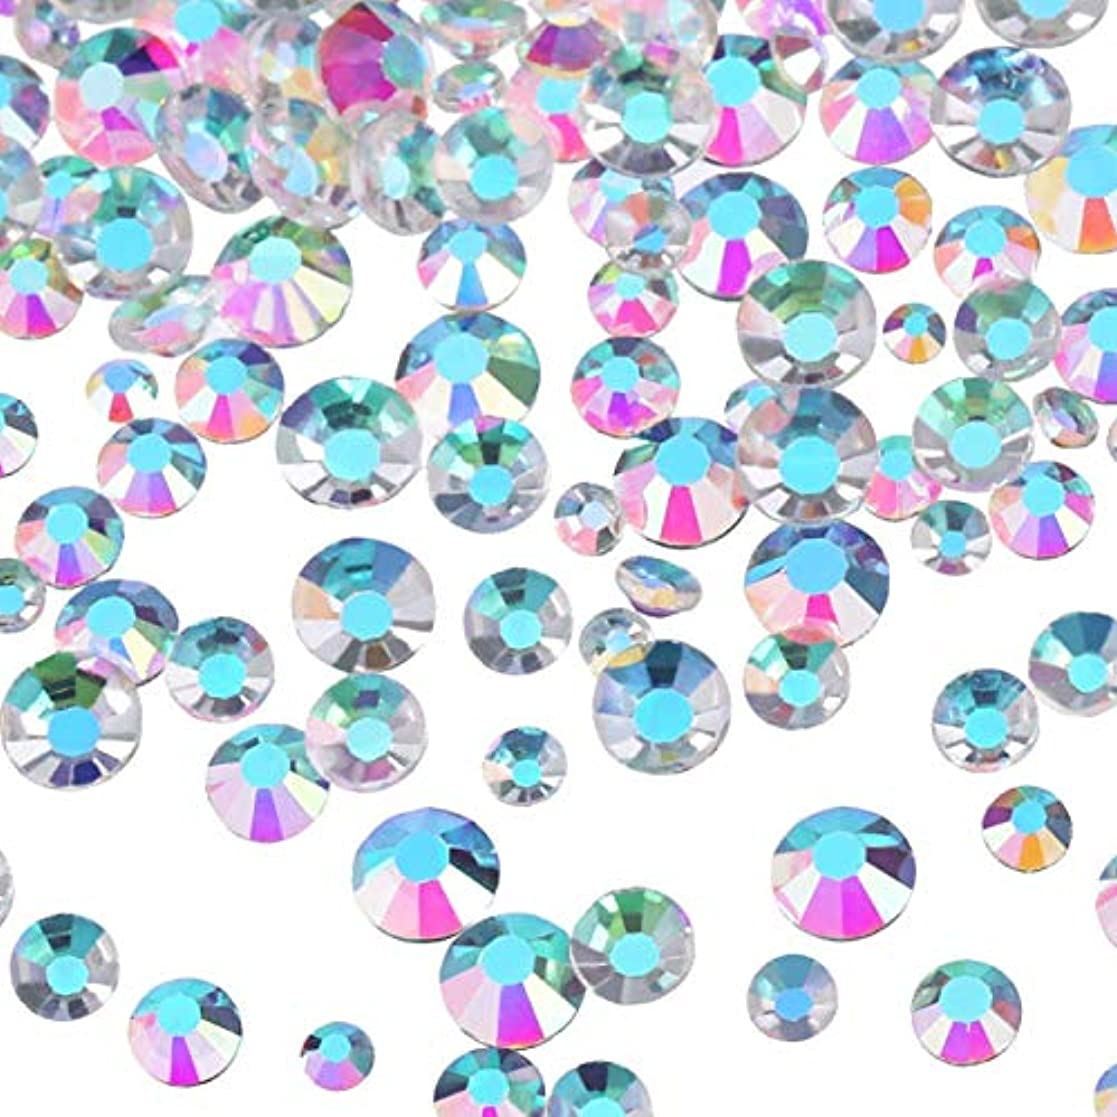 コントロール興奮する拍車Mojoe 3456個ネイルABクリアネイルアートラインストーンラウンドバックガラスチャーム宝石石、6サイズネイル用装飾化粧服靴(、混合Ss4 5 6 8 10 12)(ABクリア)